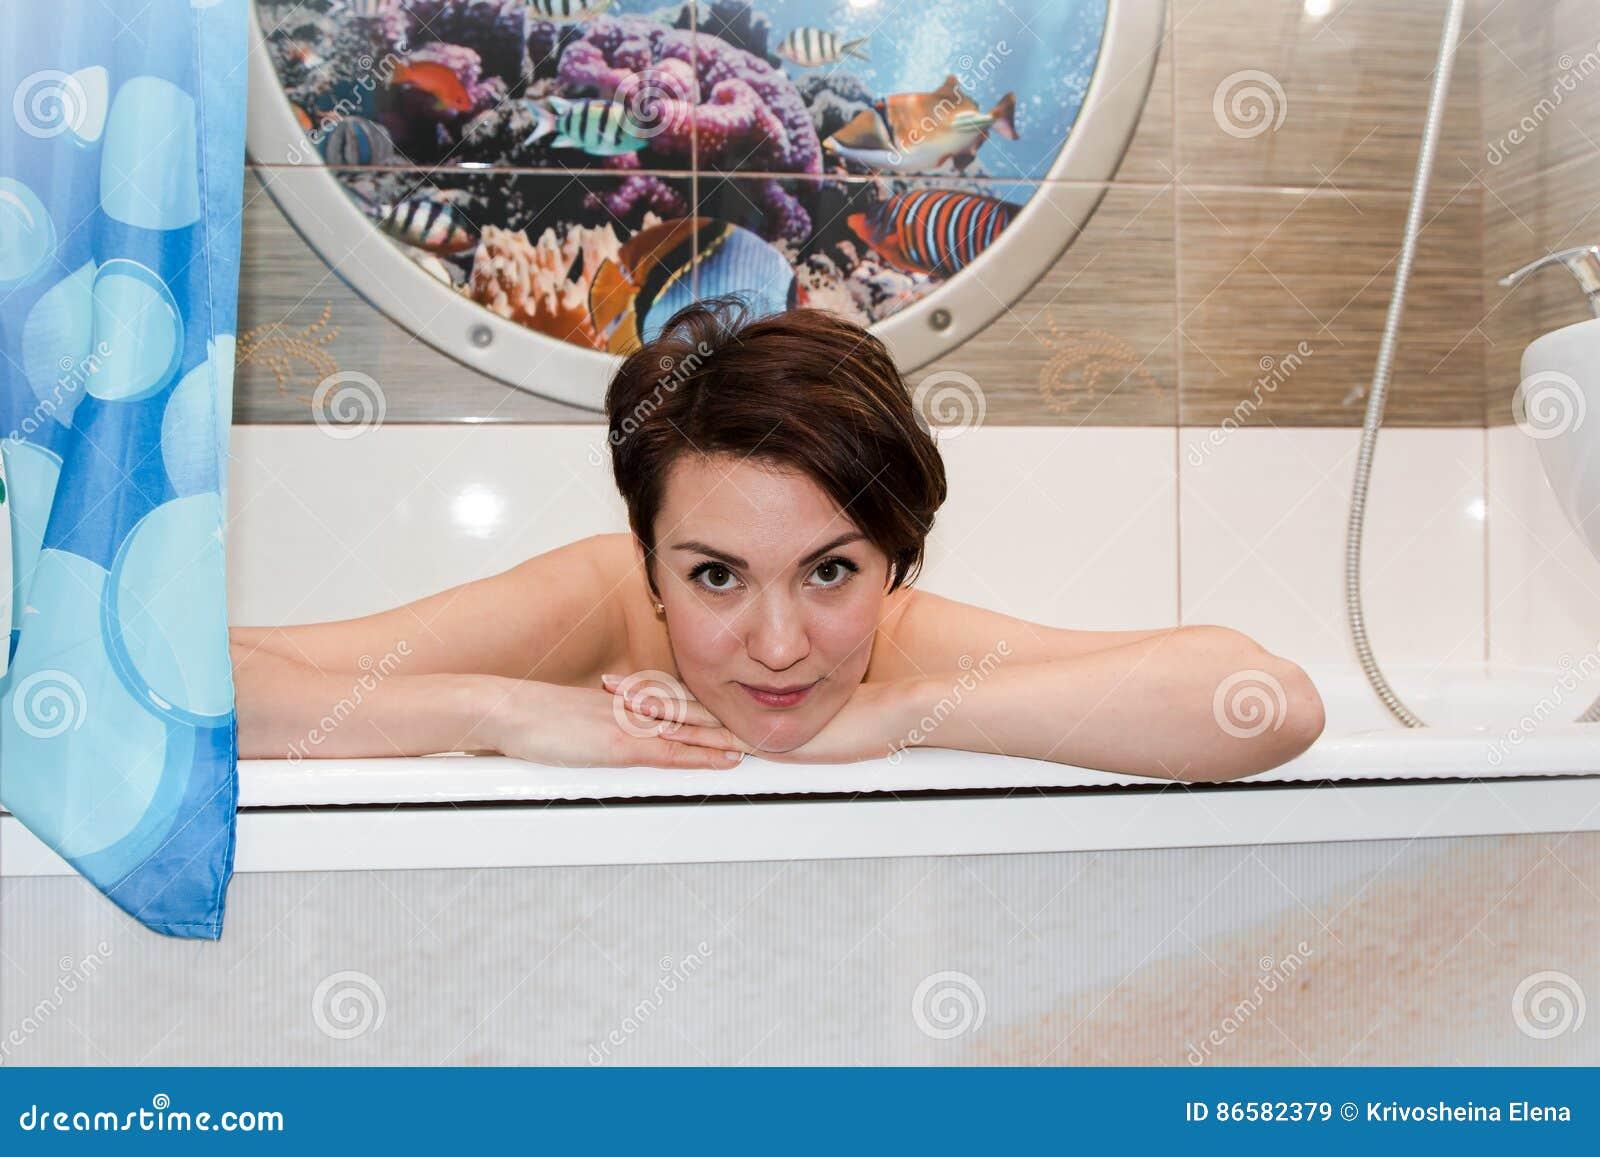 Девушка воде с длинными волосами в ванне